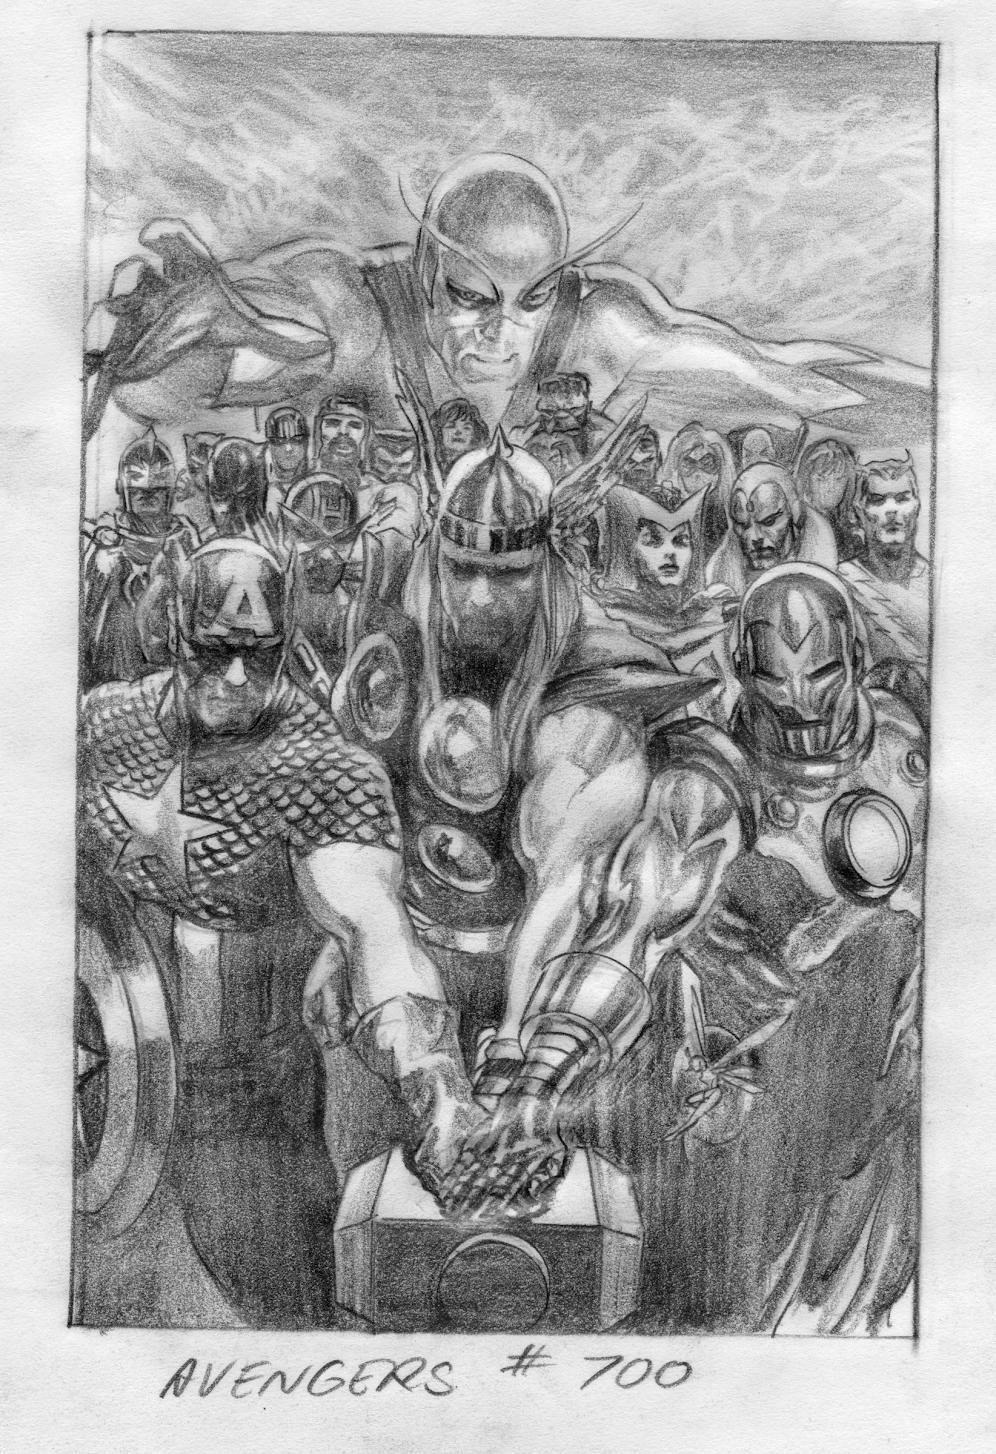 Alex Ross Avengers 700 Process Art